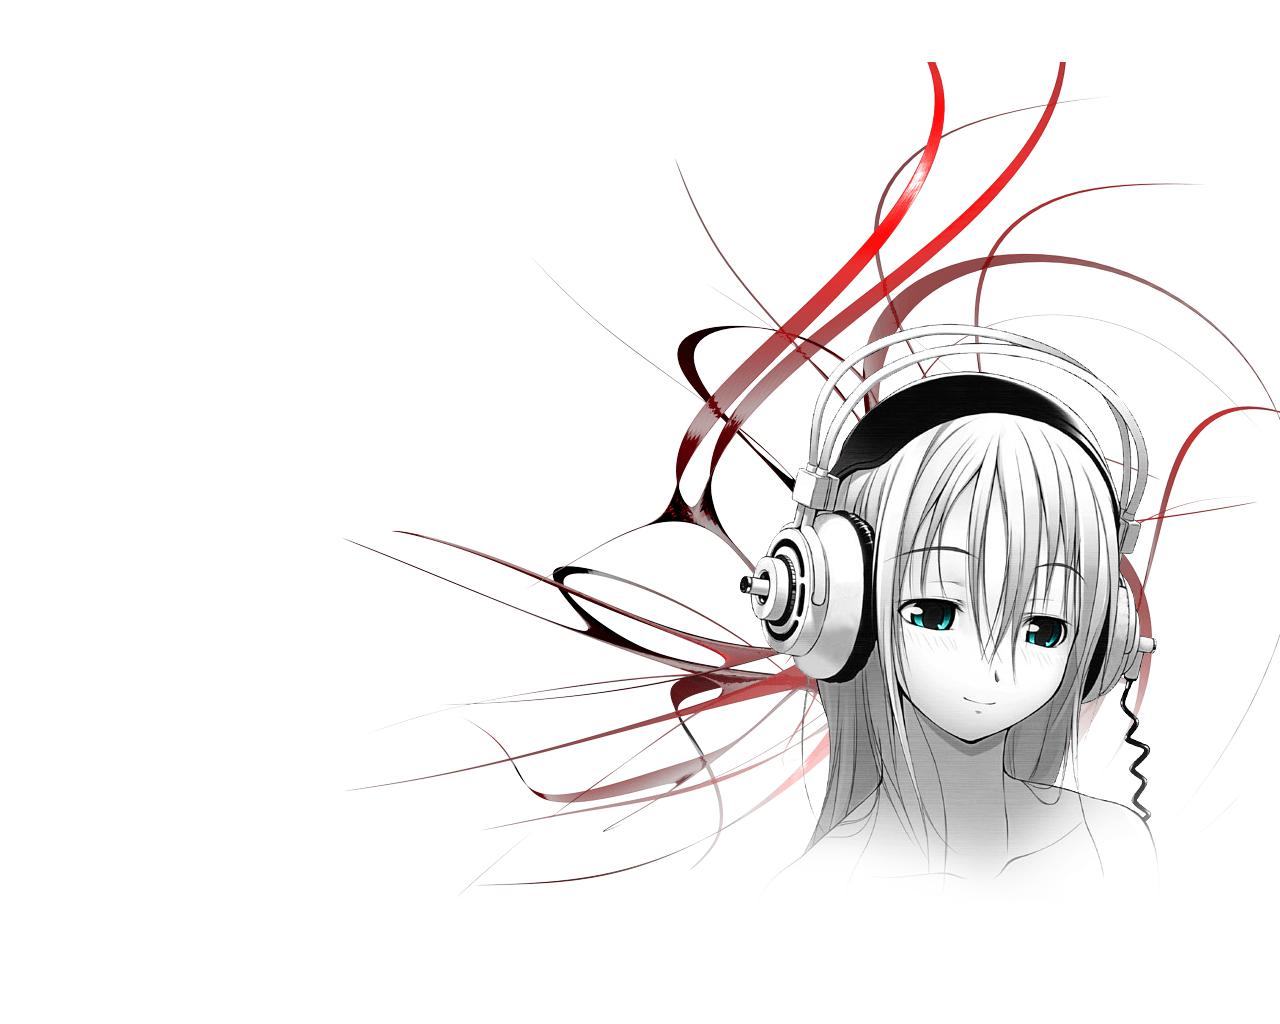 3d Wallpaper Anime Music gambar ke 15